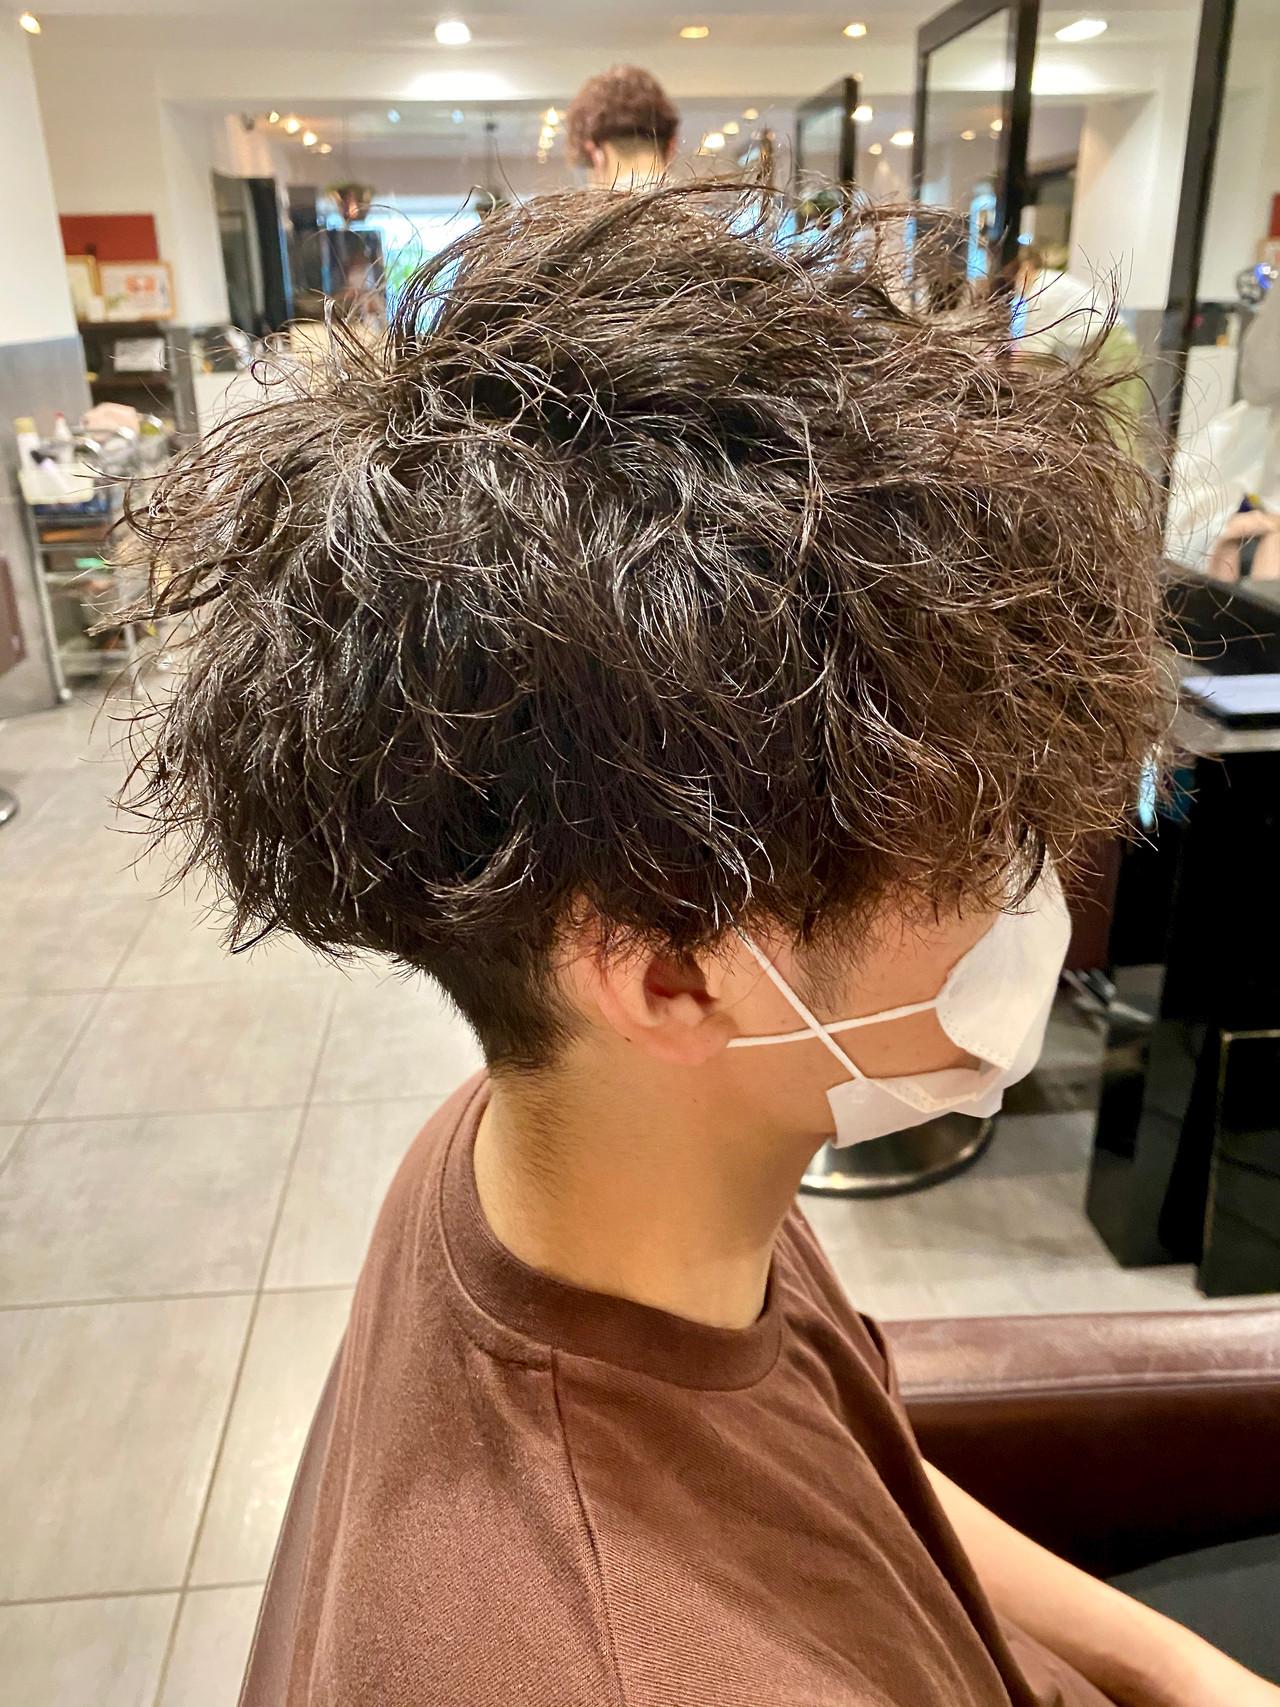 メンズパーマ ストリート メンズ メンズカット ヘアスタイルや髪型の写真・画像